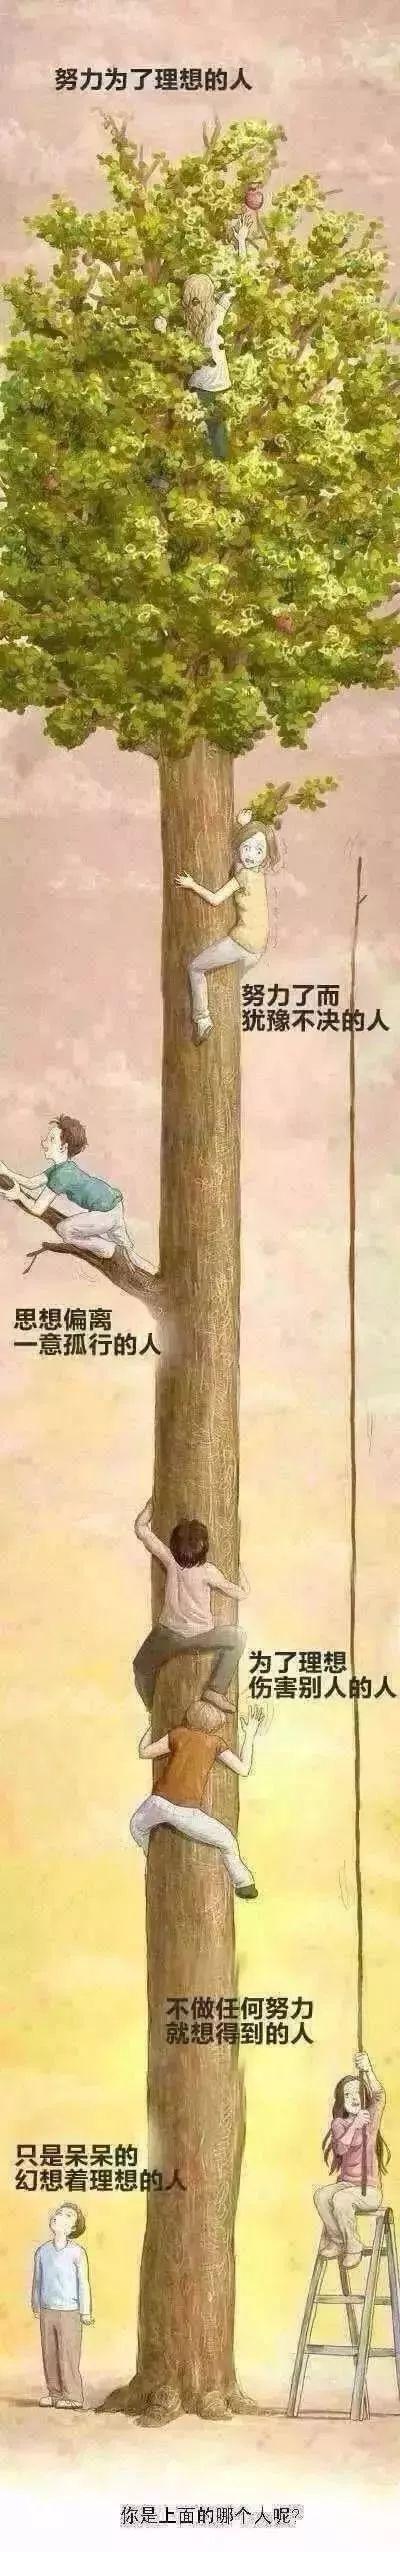 這棵樹上哪個人像你?